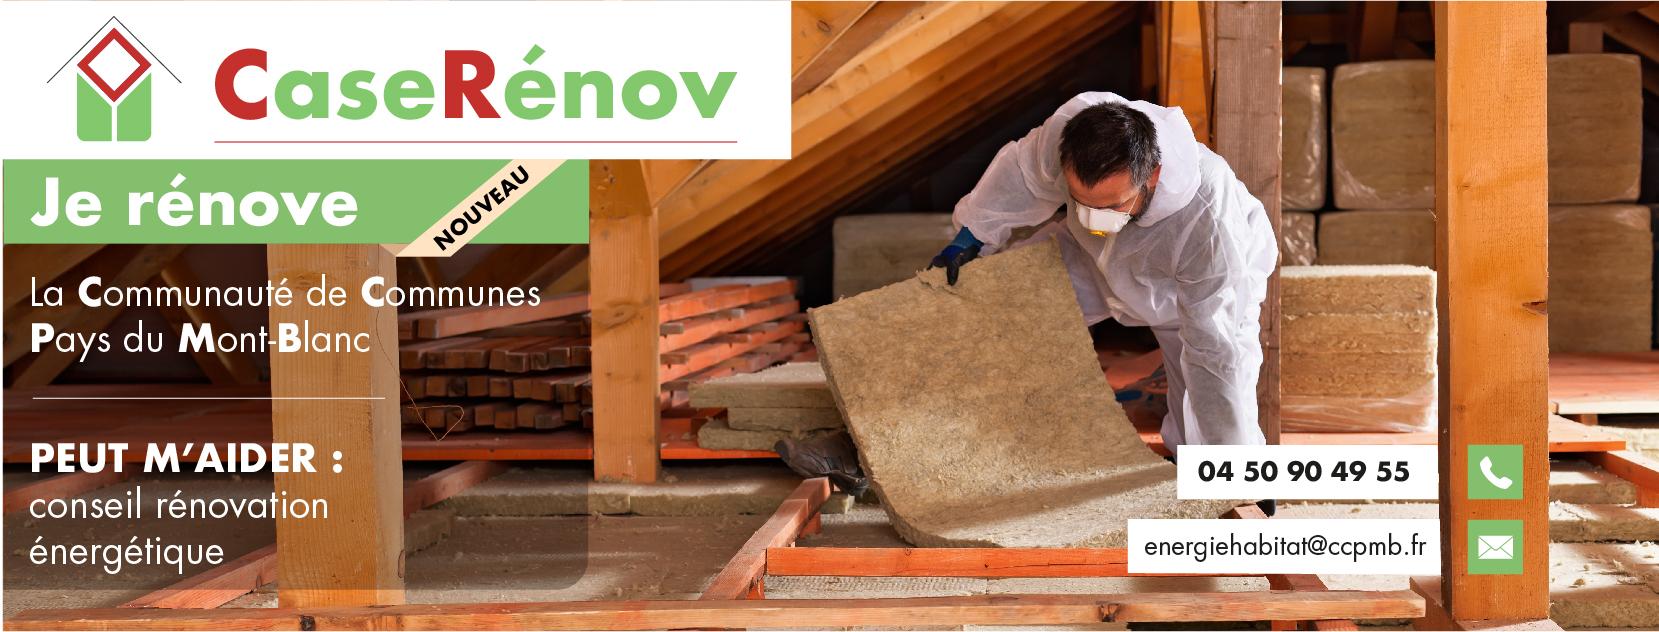 CaseRénov vous aide pour la rénovation énergétique